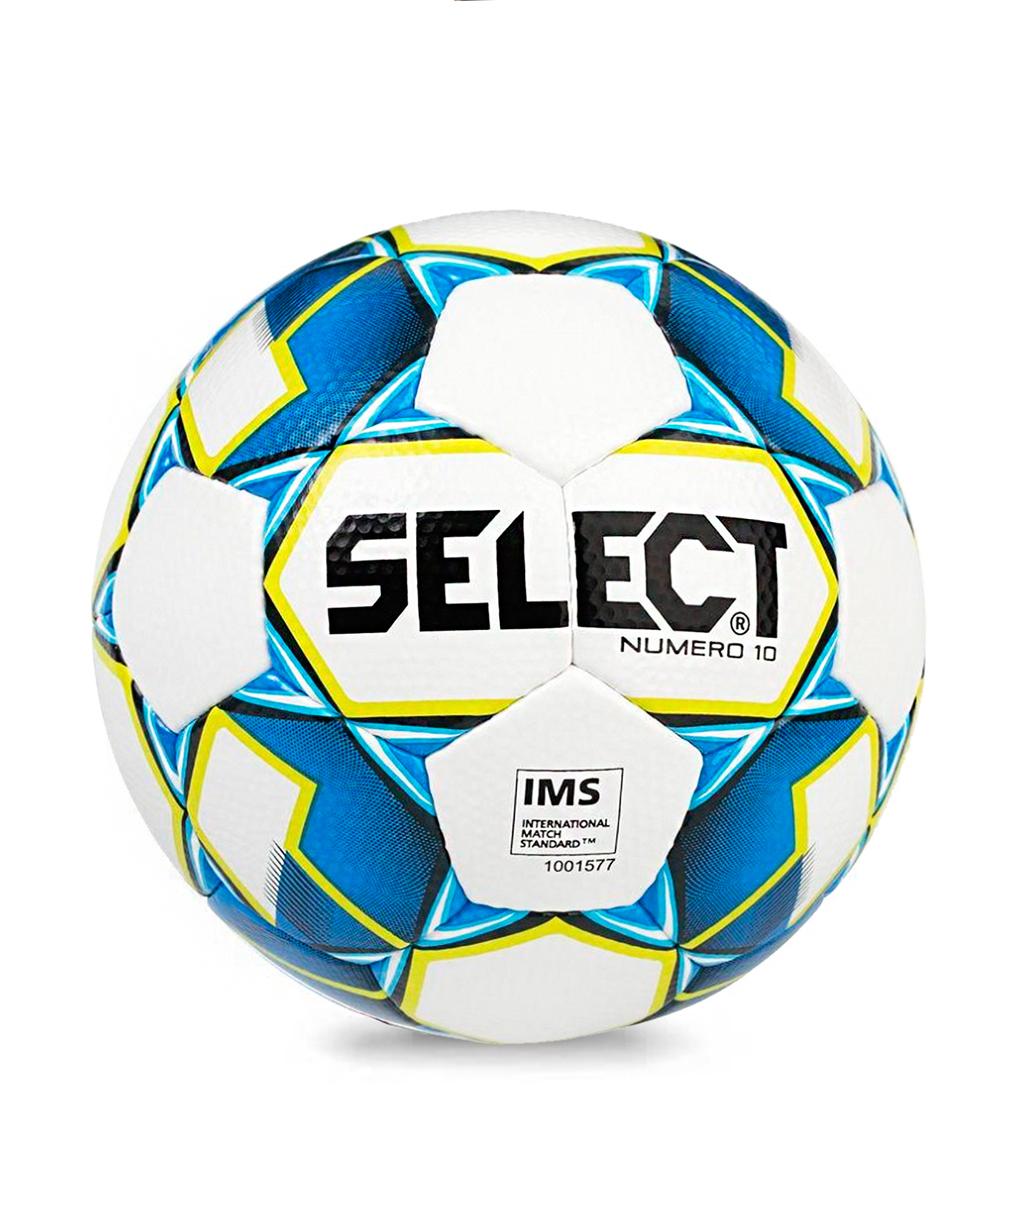 Мяч Select Numero 10 IMS 810508-002 (Размер 5)